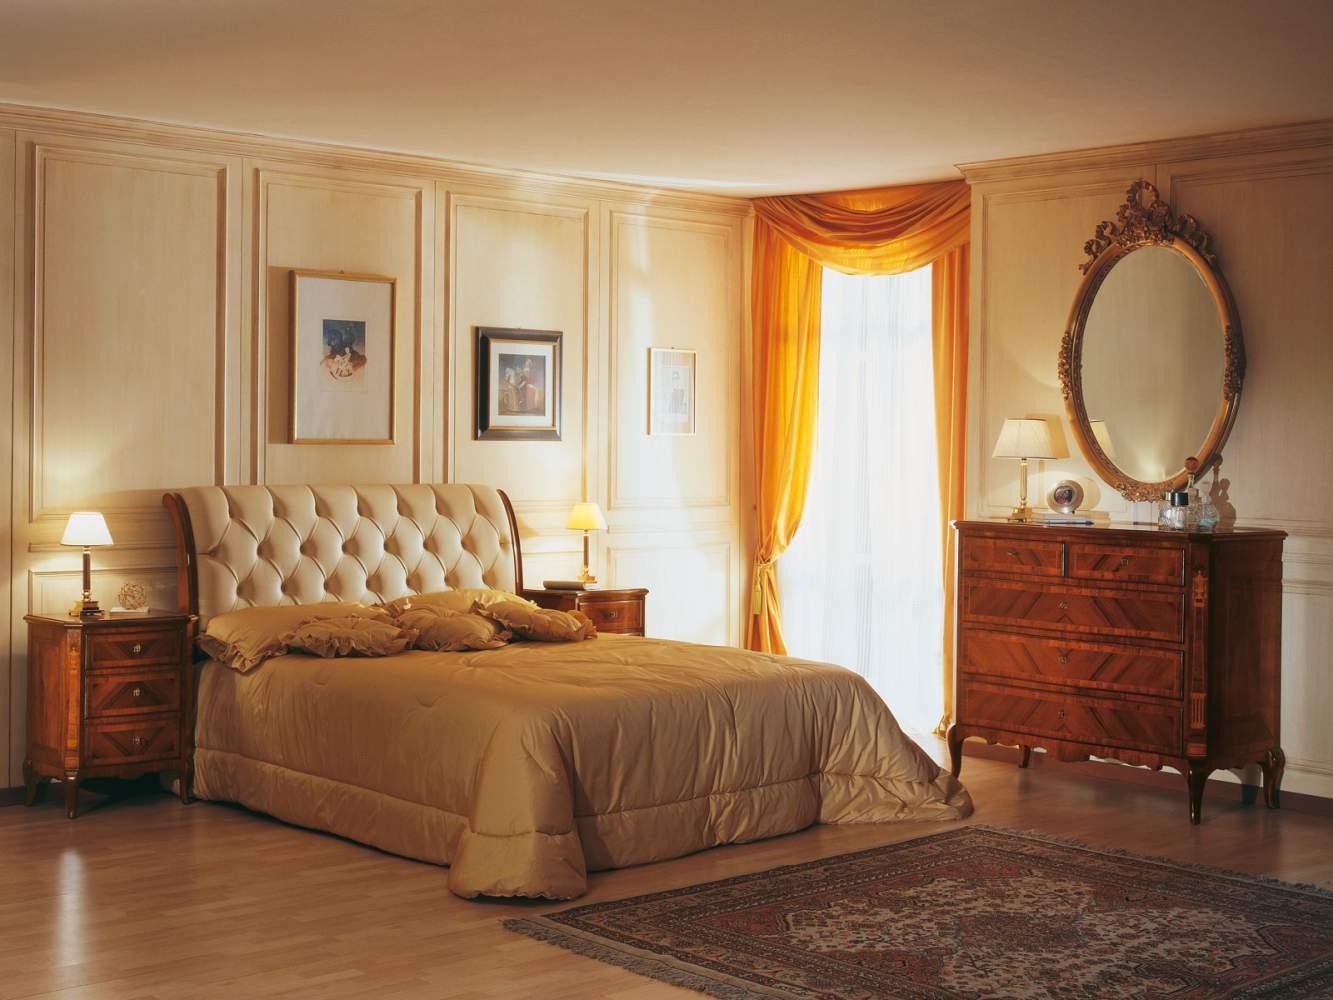 Camera da letto 800 francese, letto in pelle capitonné, specchiera ovale, comò in noce